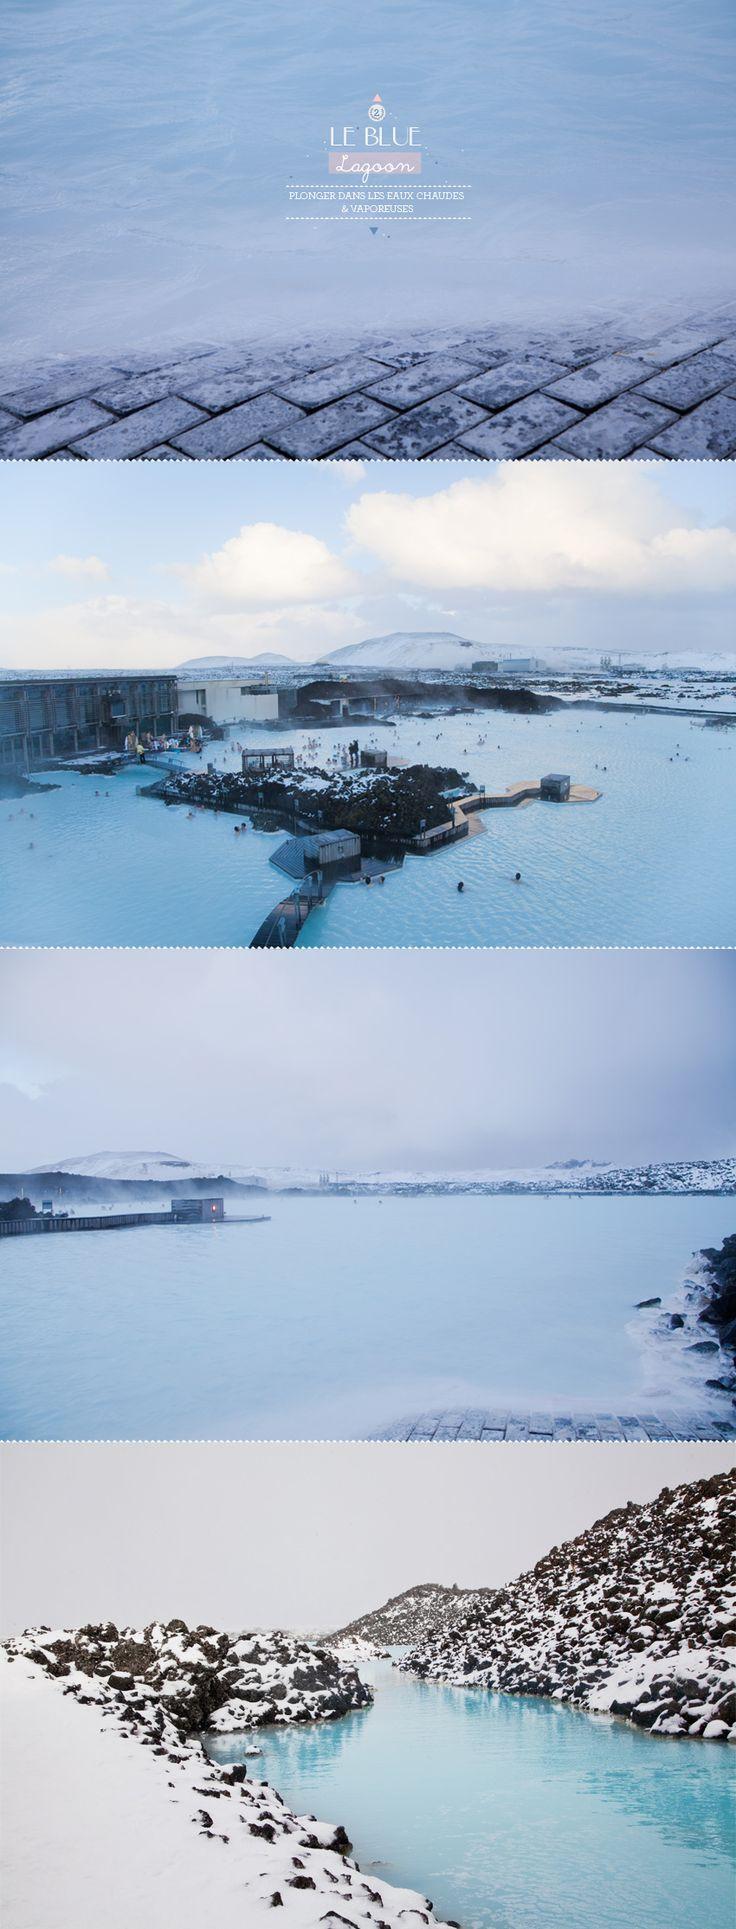 Griottes m'a donné envie de visiter l'Islande...j'en rêve... #griottes #islande @griottes_blog